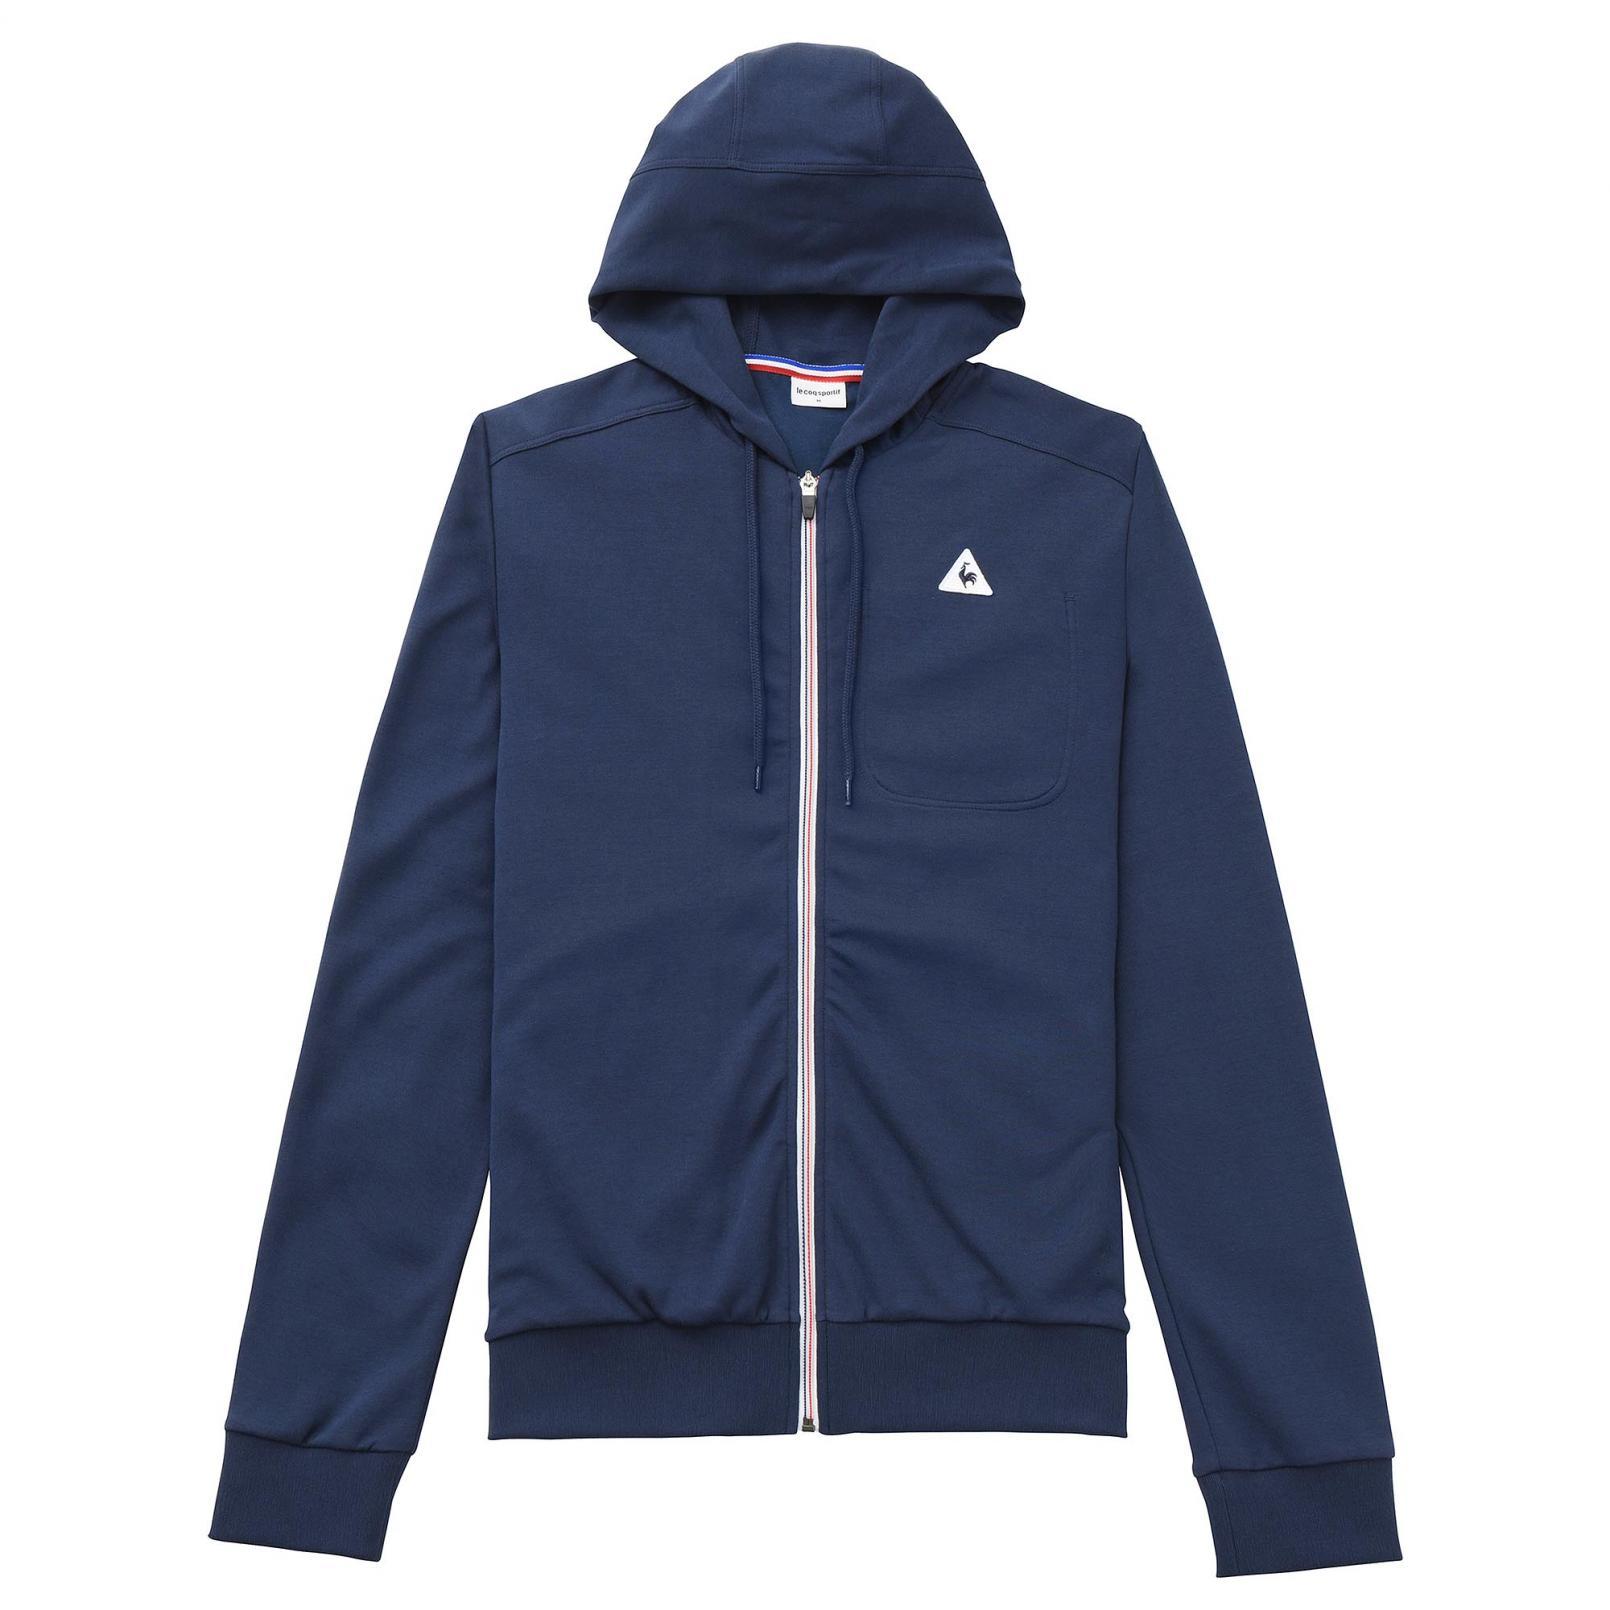 Sweat tops – Le Coq Sportif Essentiels Full zip hood Blue